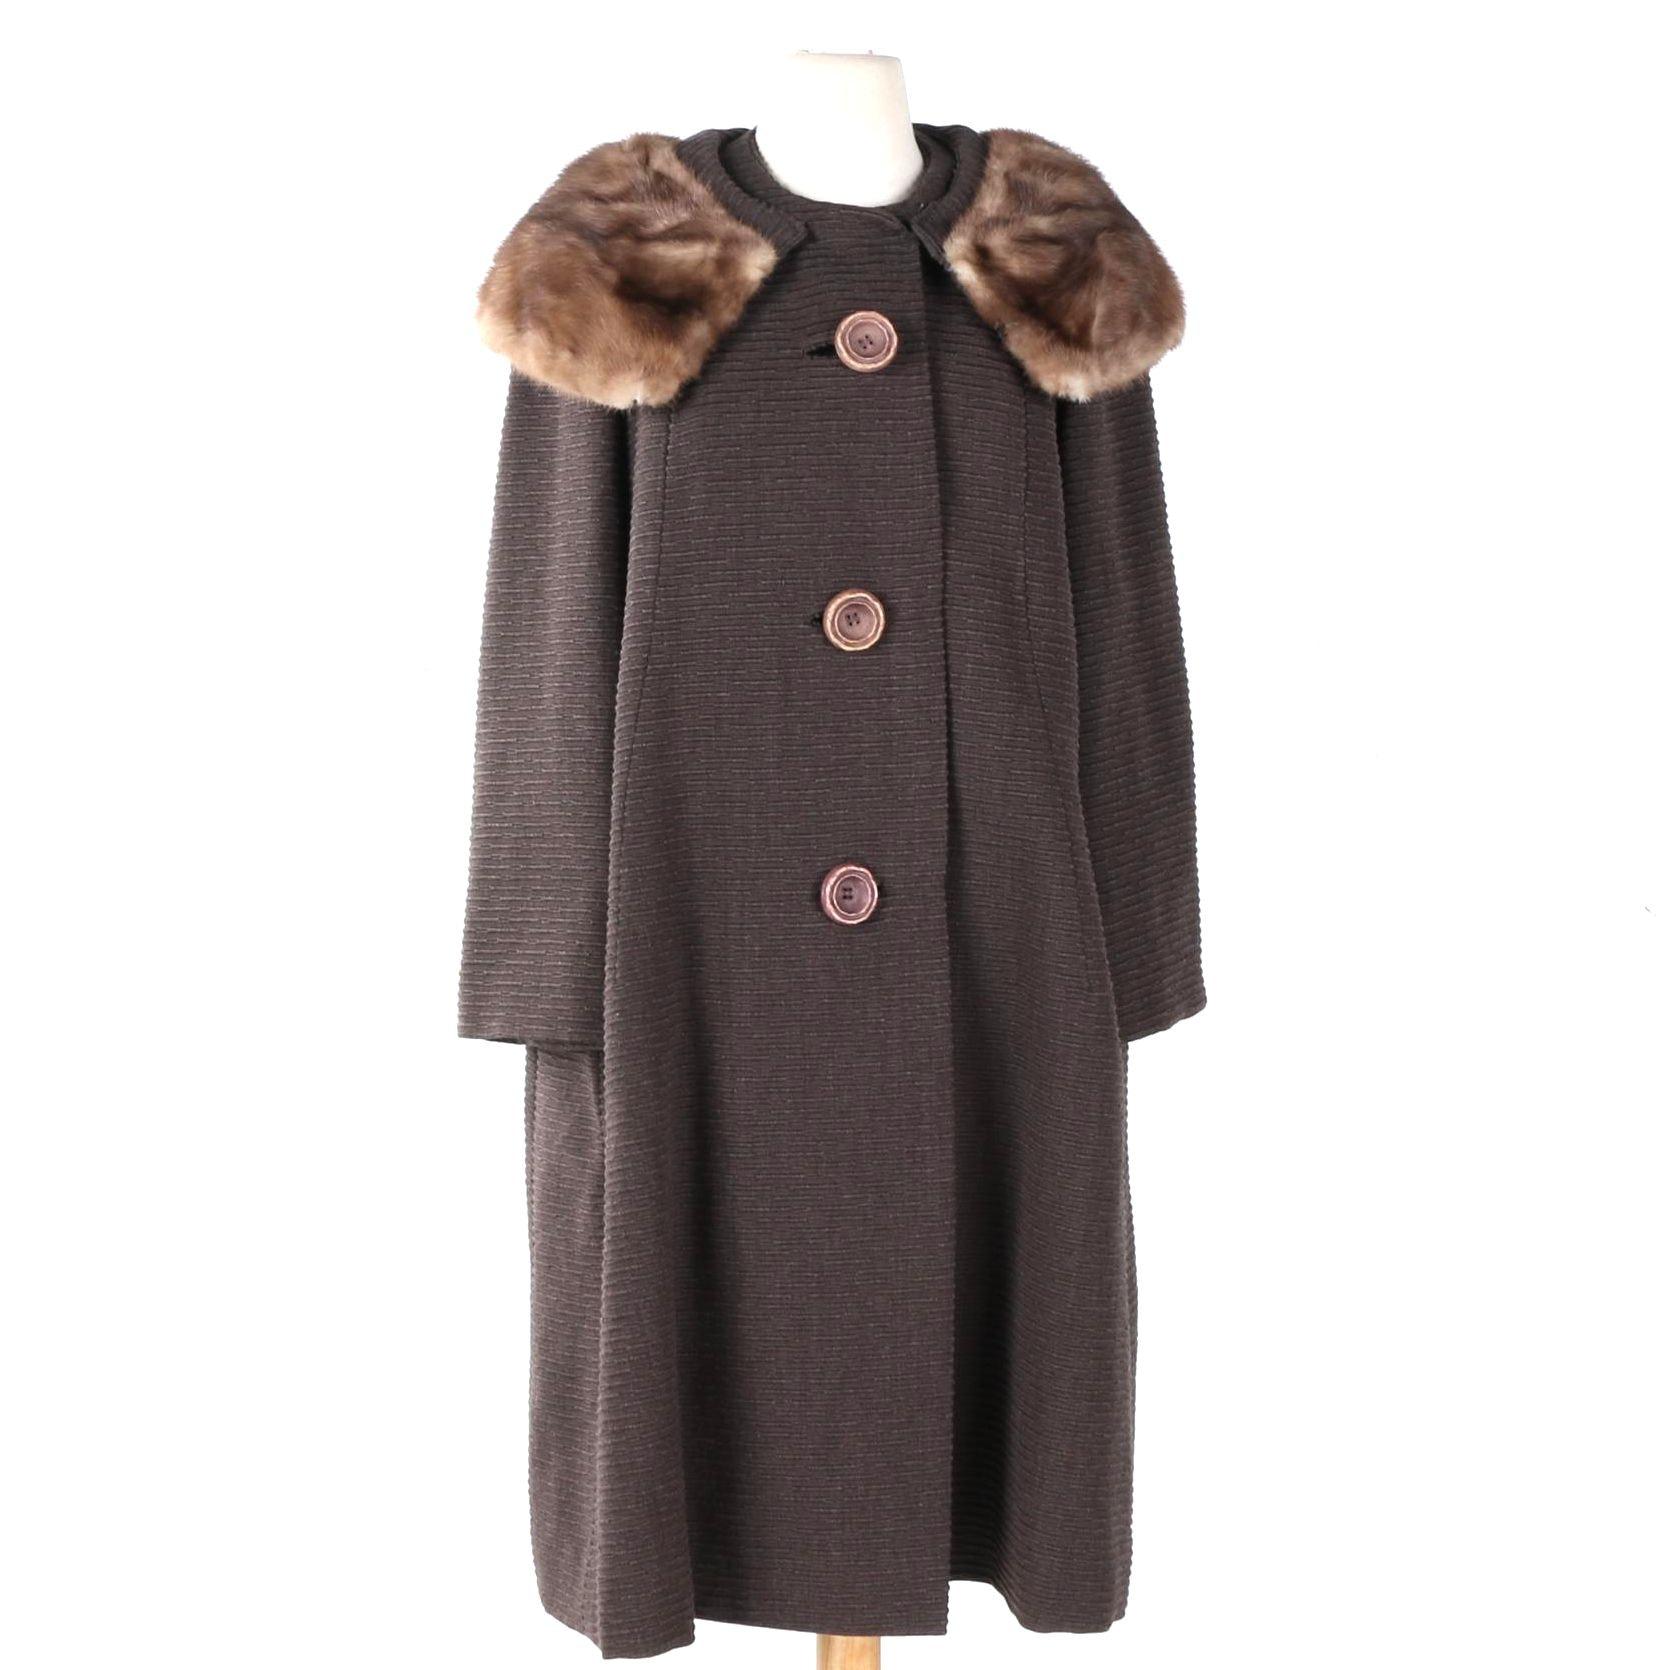 Women's Vintage Coat with Mink Collar